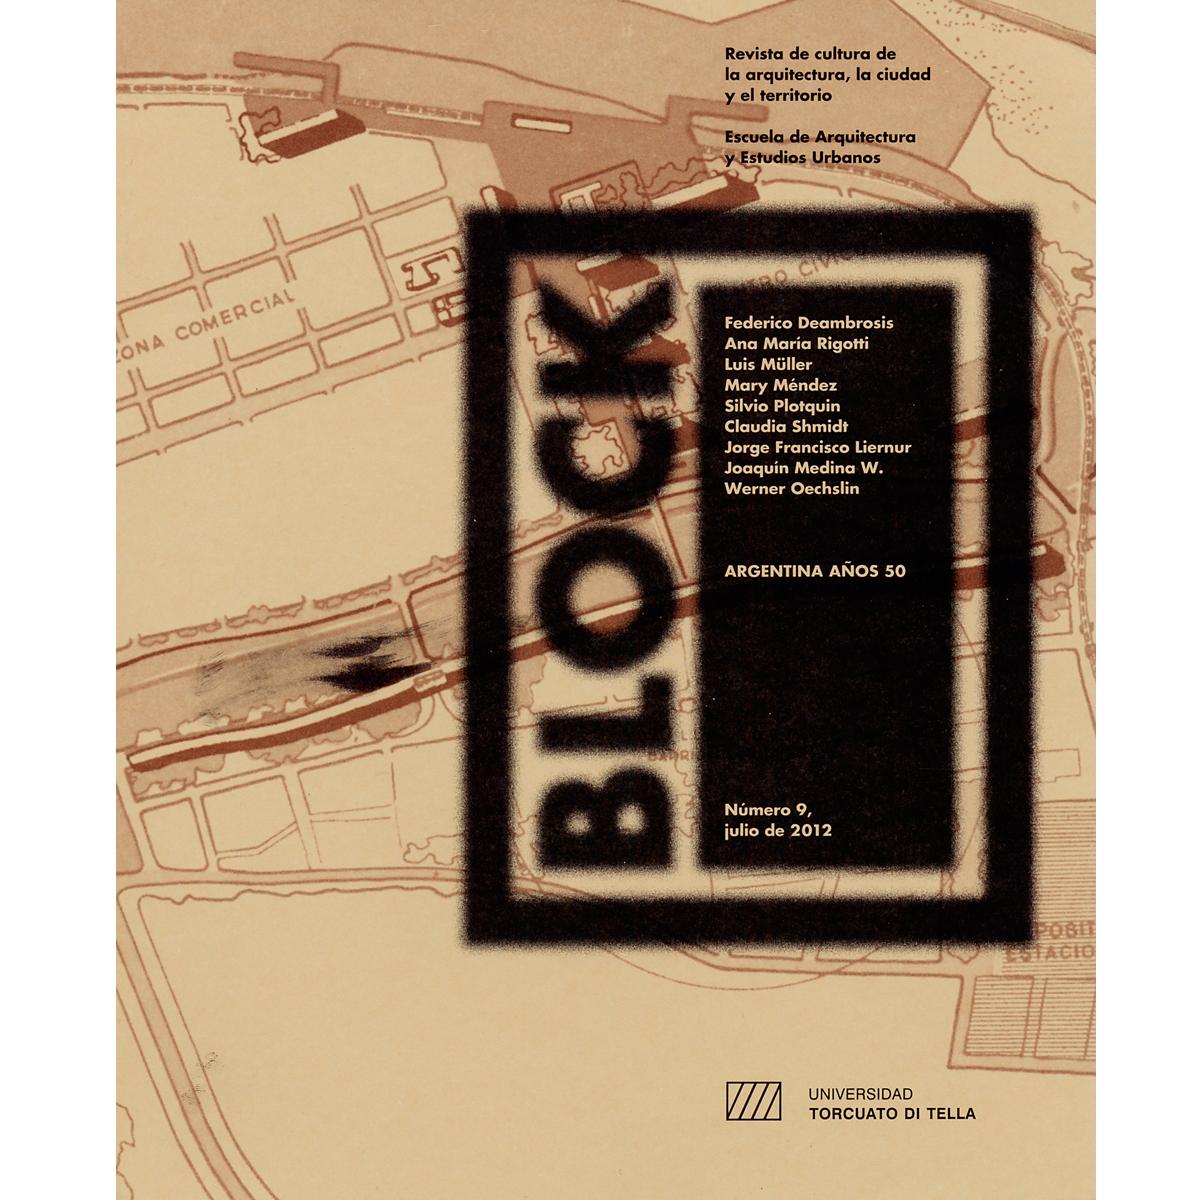 Block: Argentina años 90